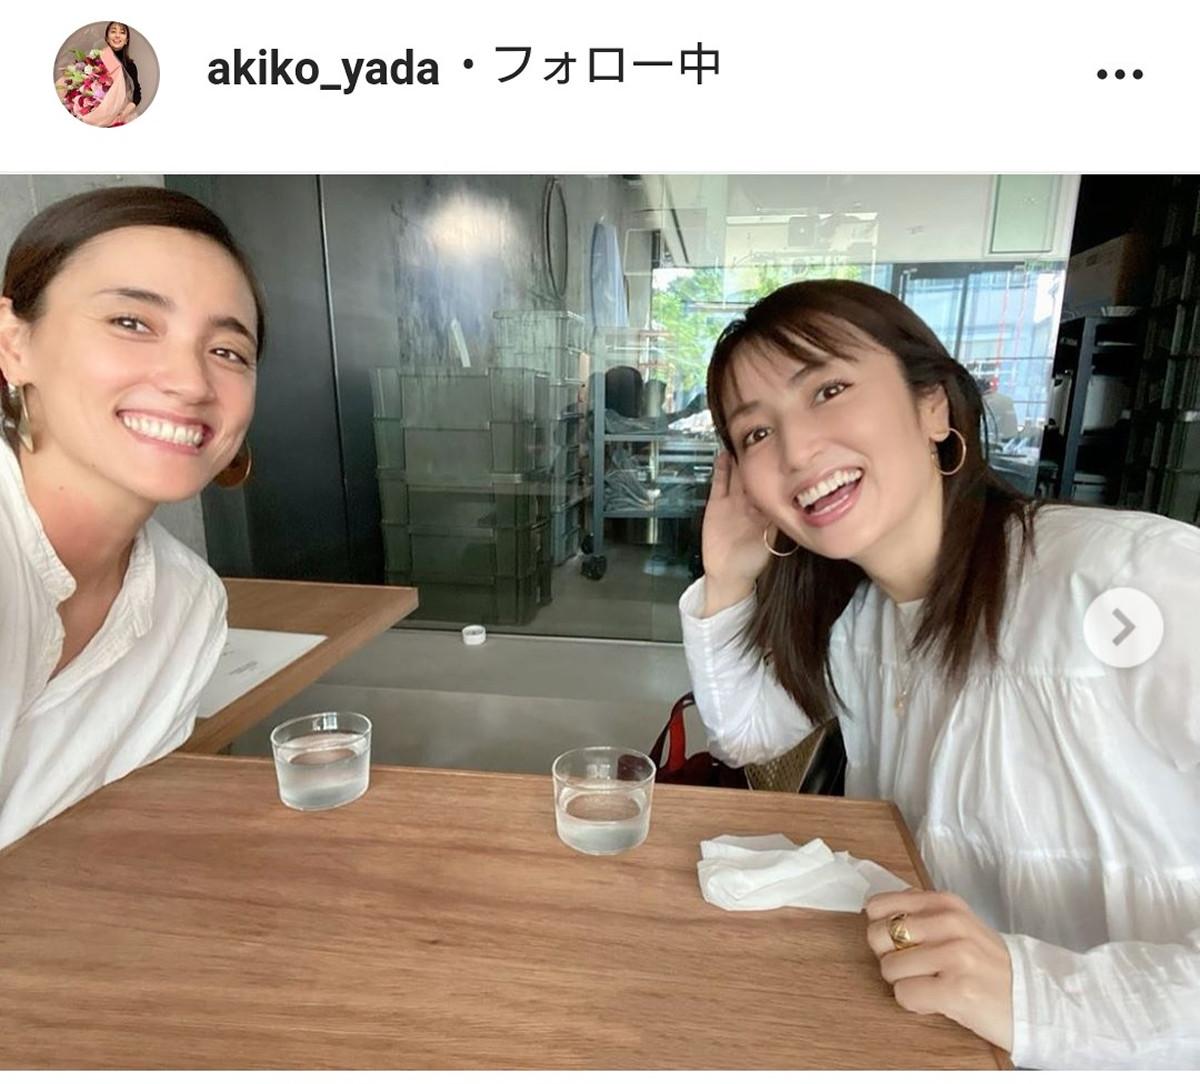 矢田亜希子、旧友・一色紗英との2ショット披露に「すごいツーショット」「昔と変わらず、お綺麗」 : スポーツ報知